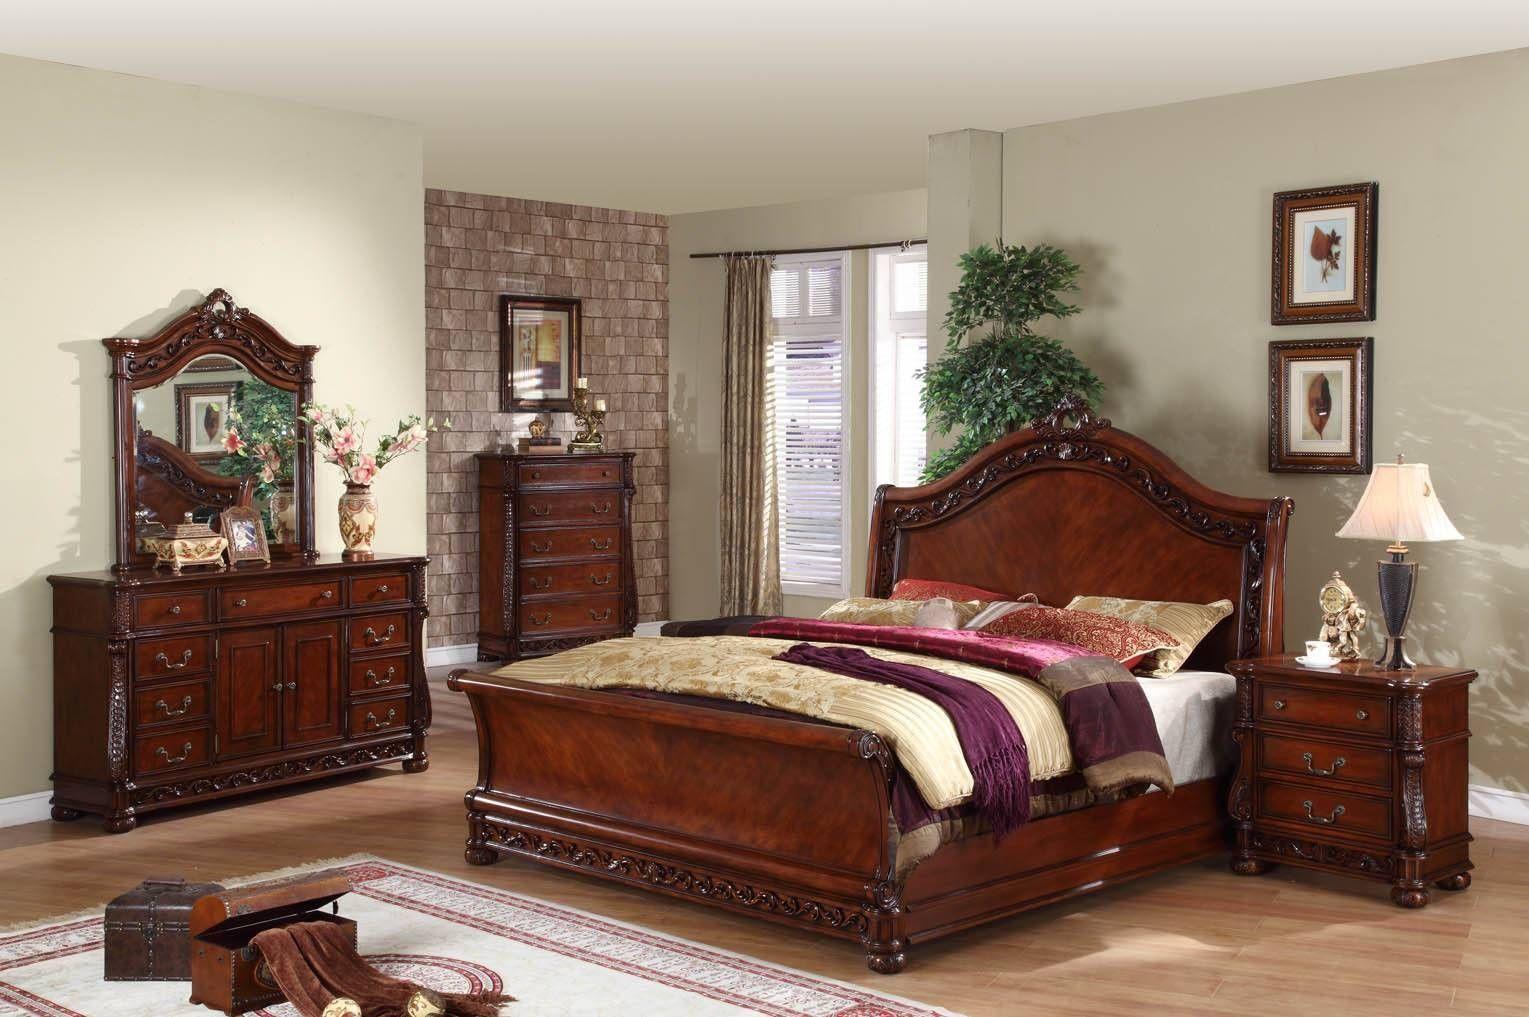 Antique Mahogany Bedroom Furniture Set Log Wood Cabin Dream